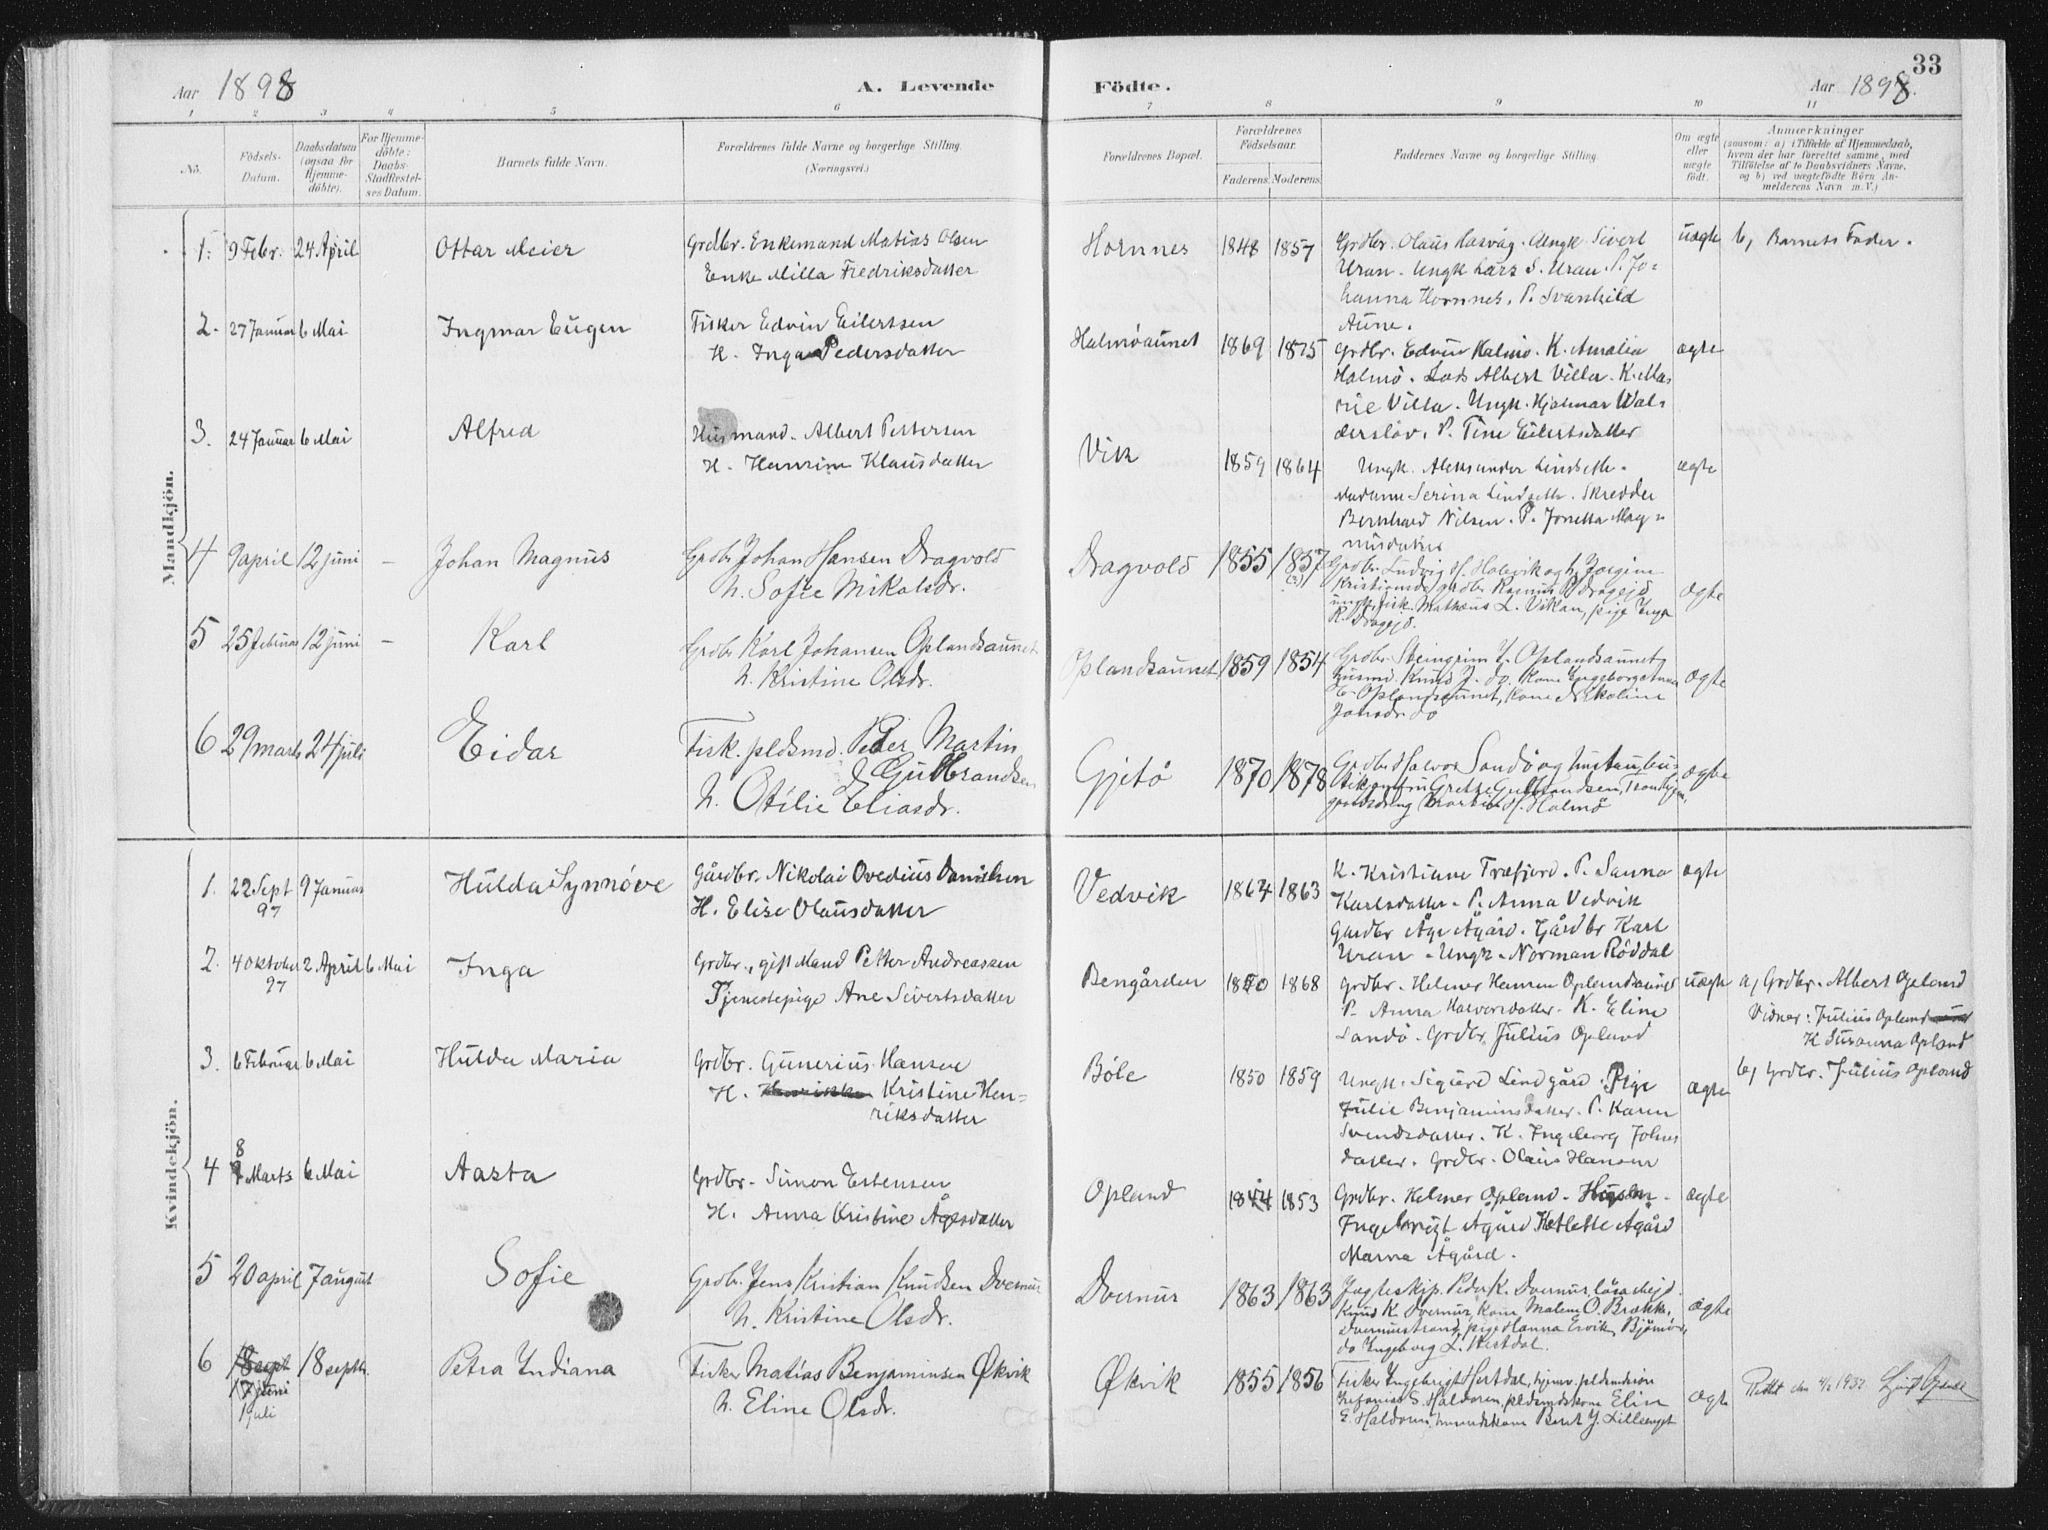 SAT, Ministerialprotokoller, klokkerbøker og fødselsregistre - Nord-Trøndelag, 771/L0597: Ministerialbok nr. 771A04, 1885-1910, s. 33